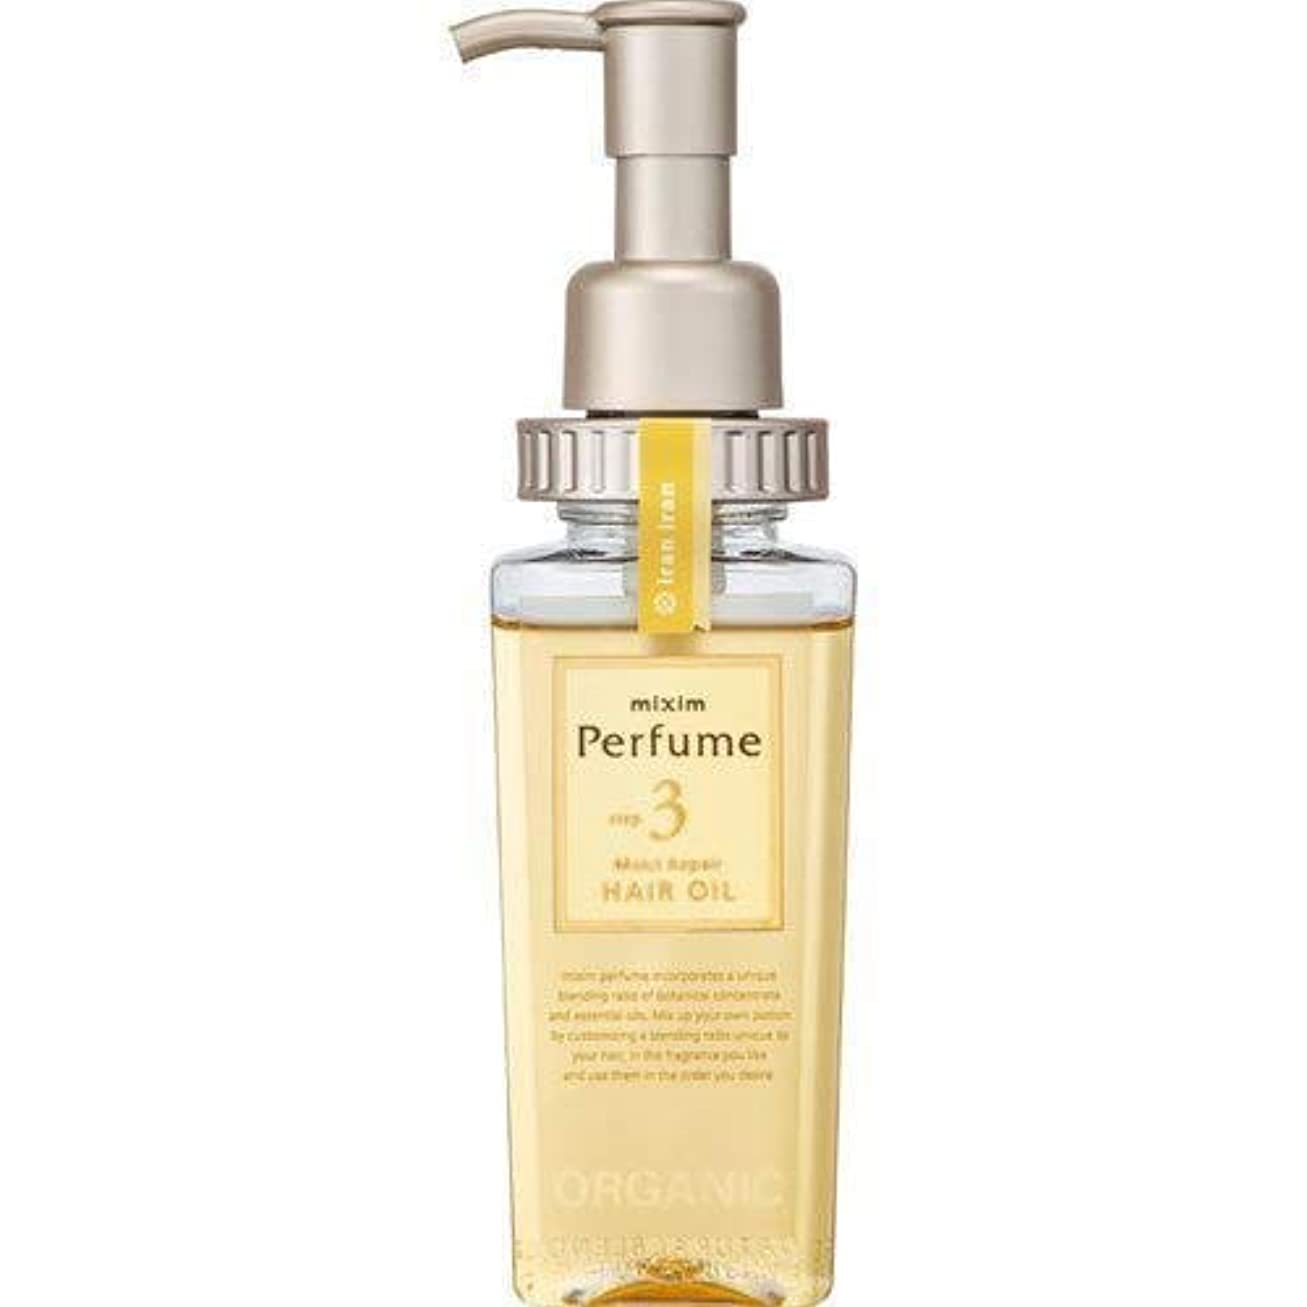 眠りフォーマット頼るmixim Perfume(ミクシムパフューム) モイストリペア ヘアオイル 100mL